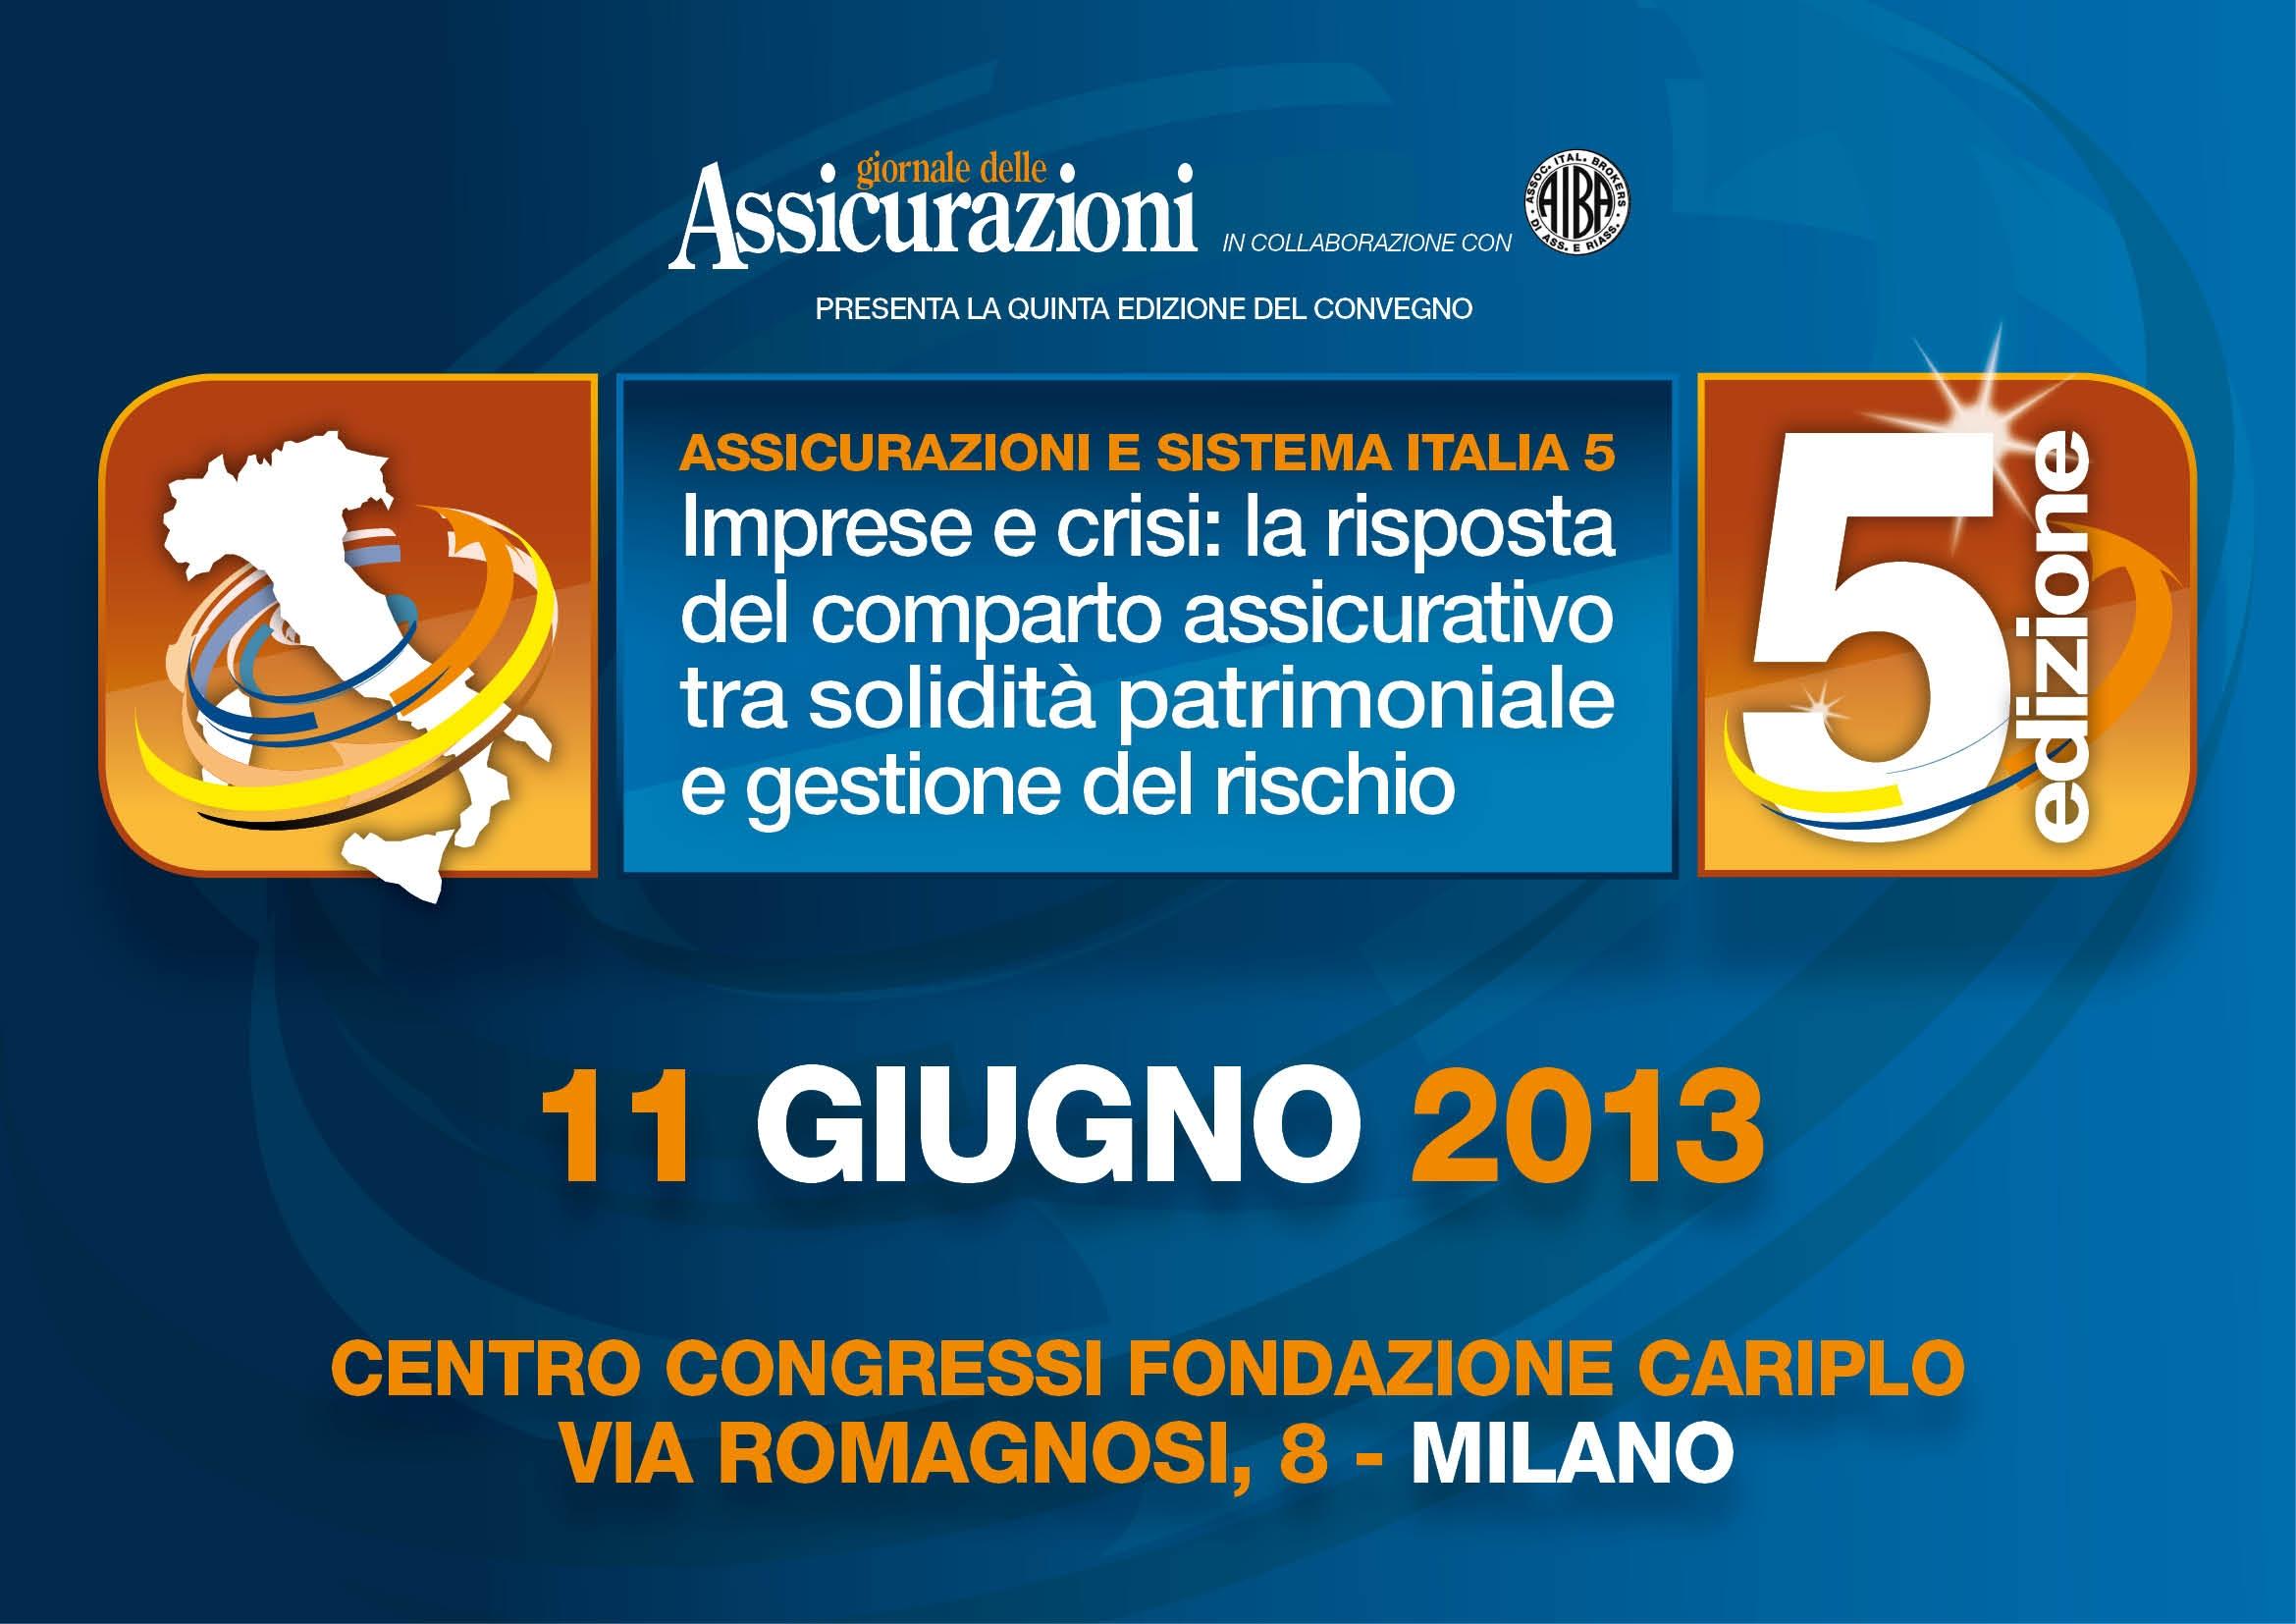 Assicurazioni e Sistema Italia 2013 (2)